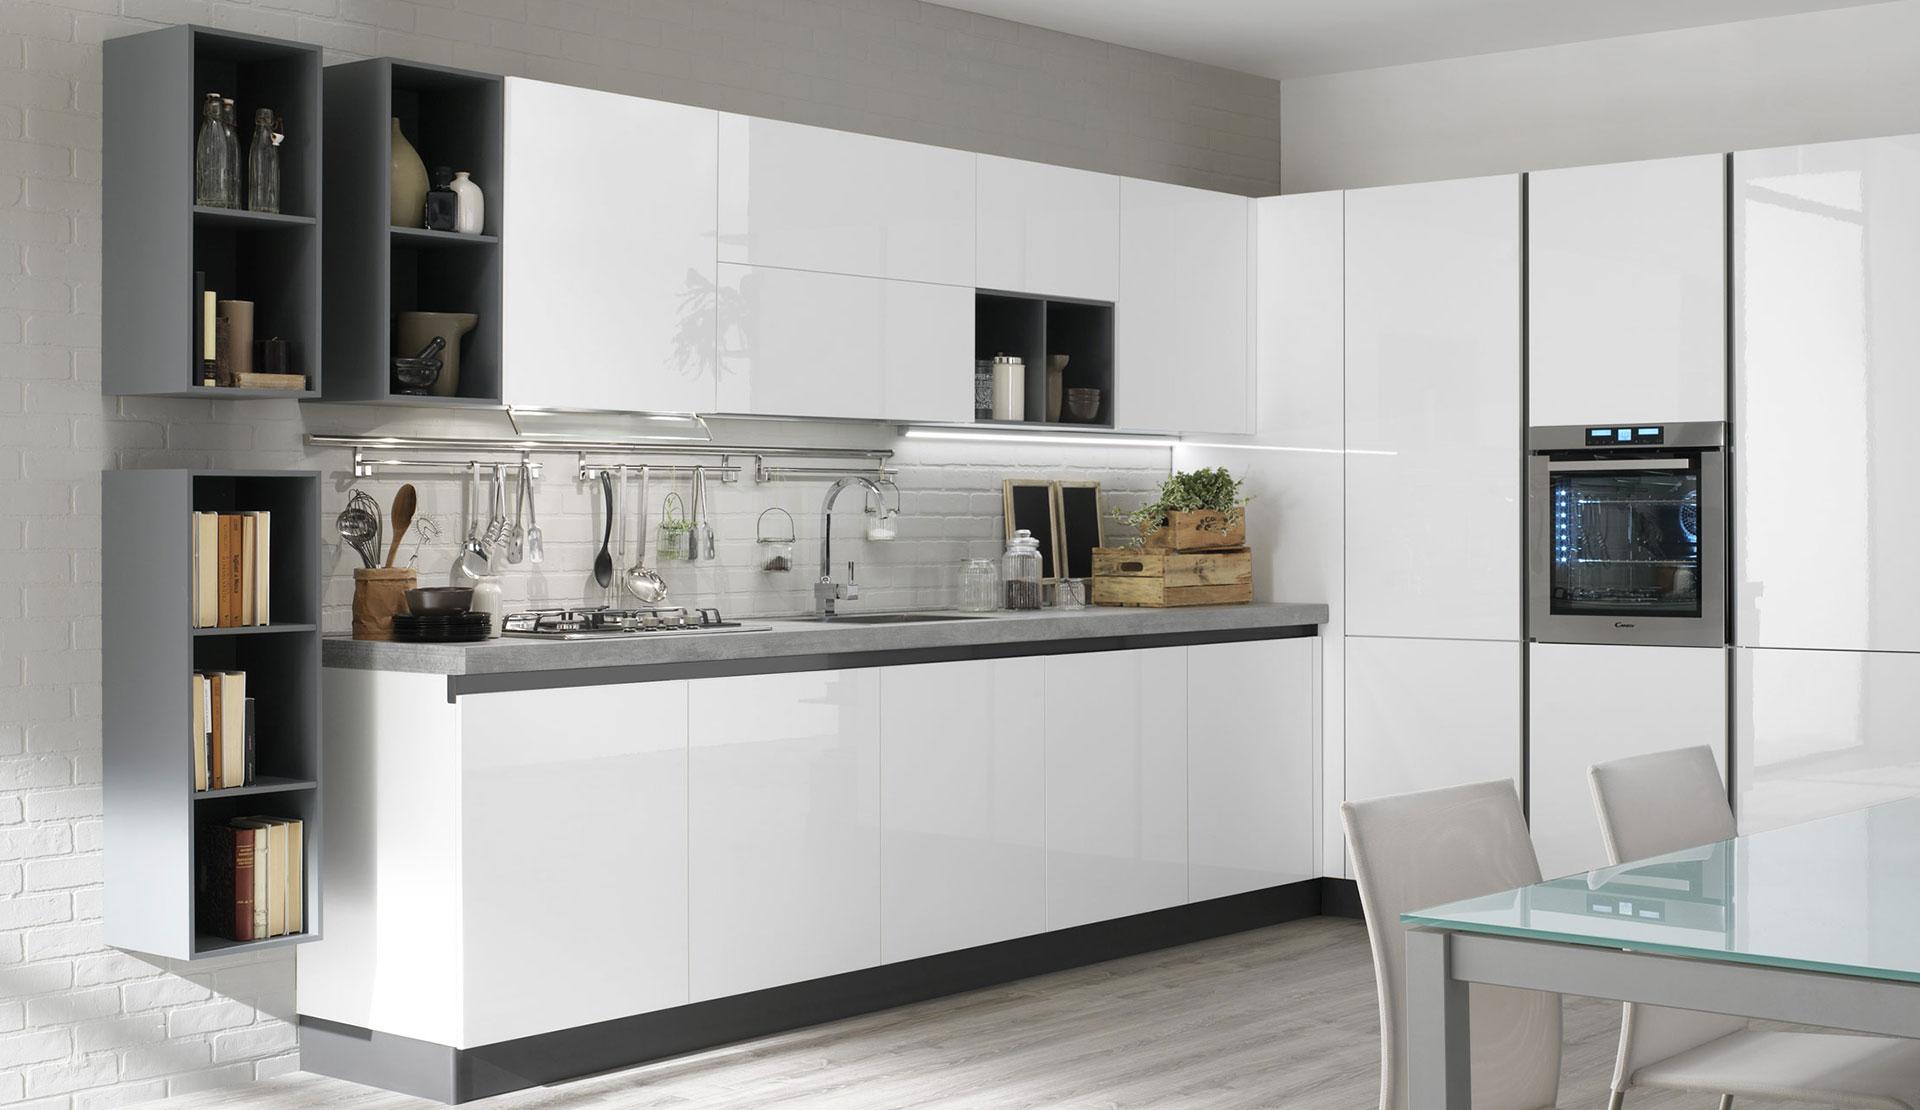 Cucina lineare o angolare? - EVO Cucine